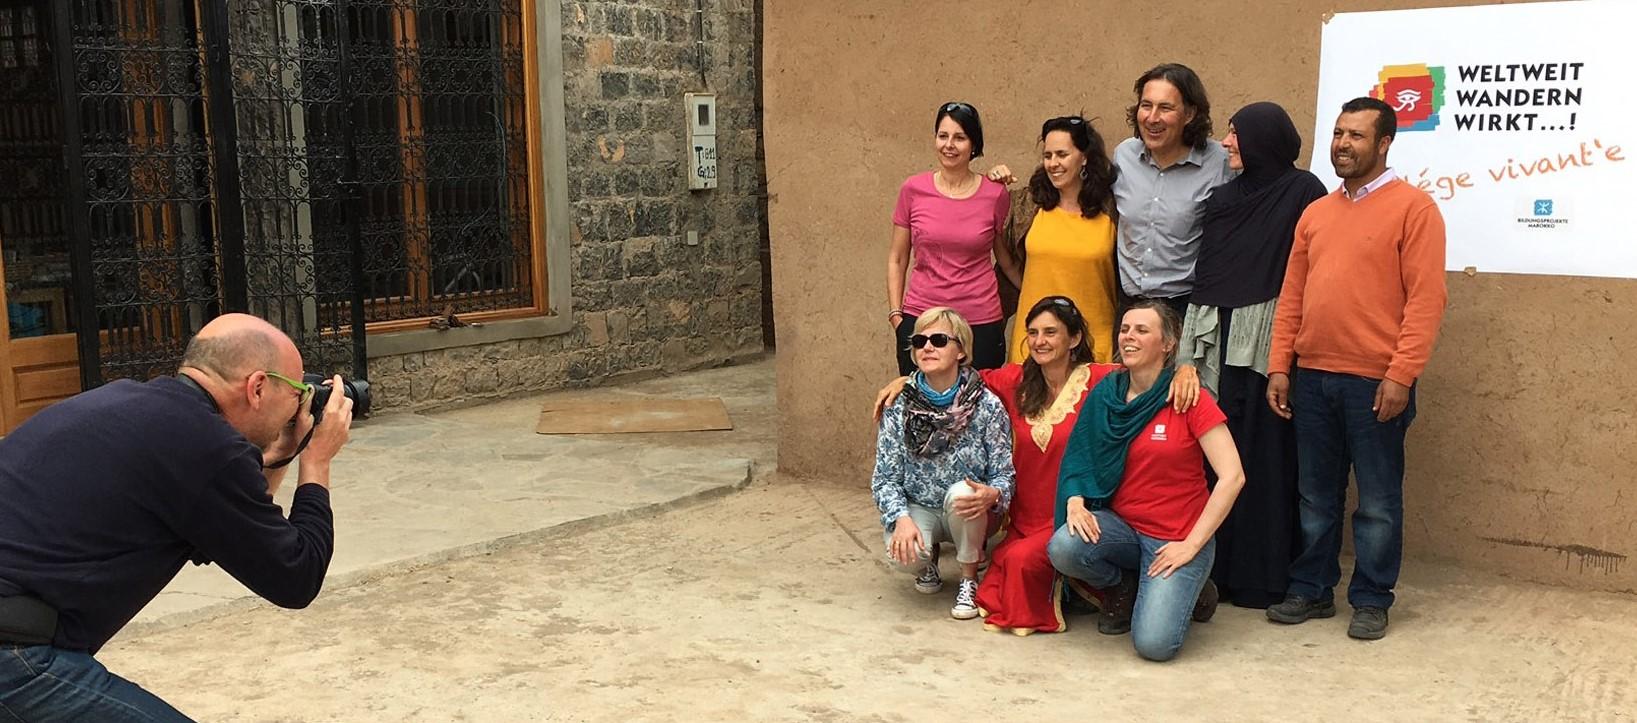 Verein-WeltweitwandernWirkt_Eröffnung_campus-vivante_Marokko_2-bearb